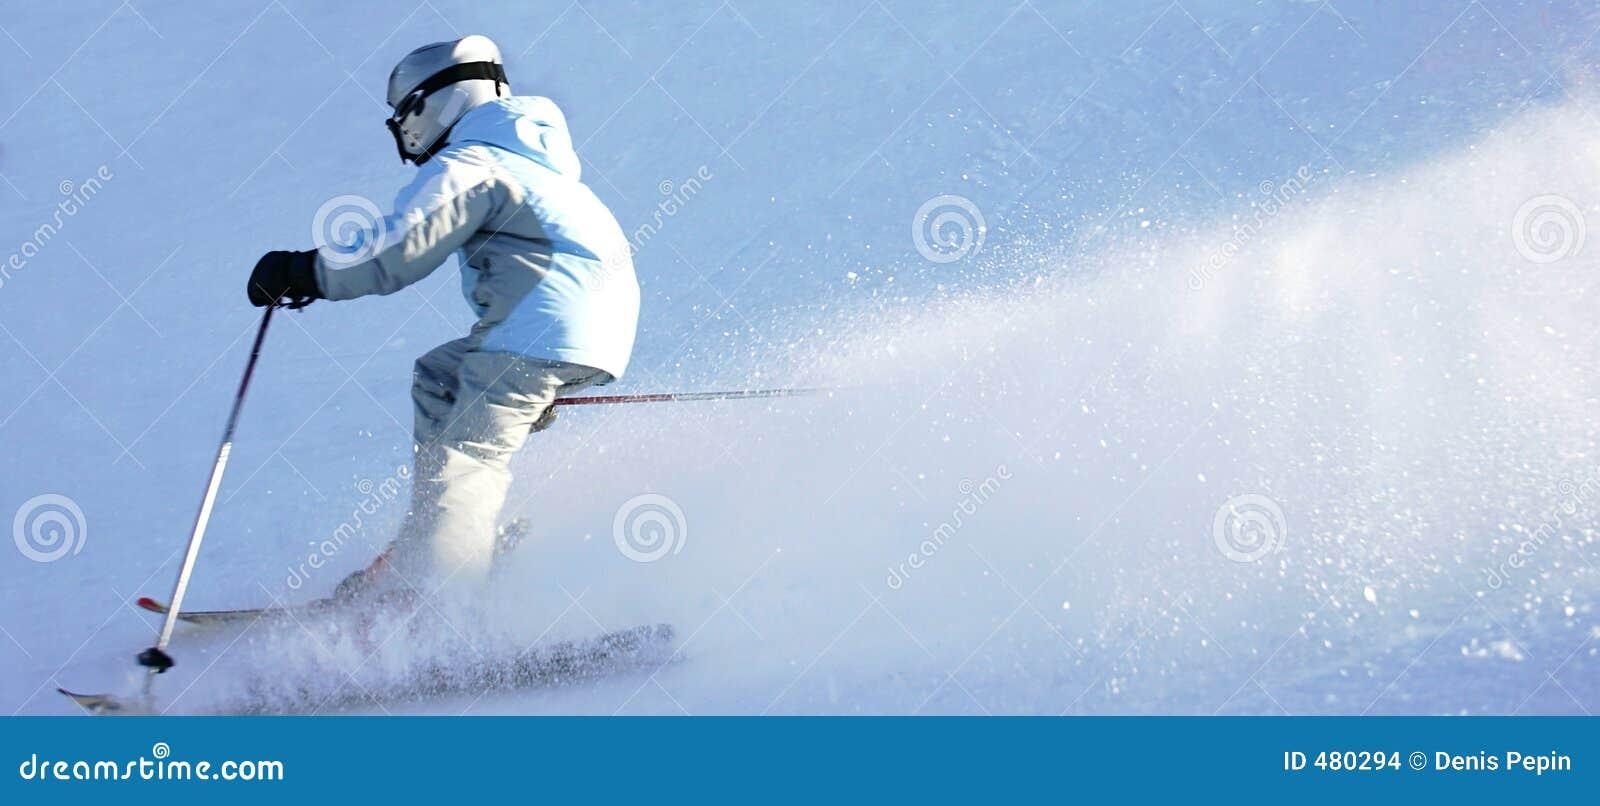 покатое катание на лыжах 2